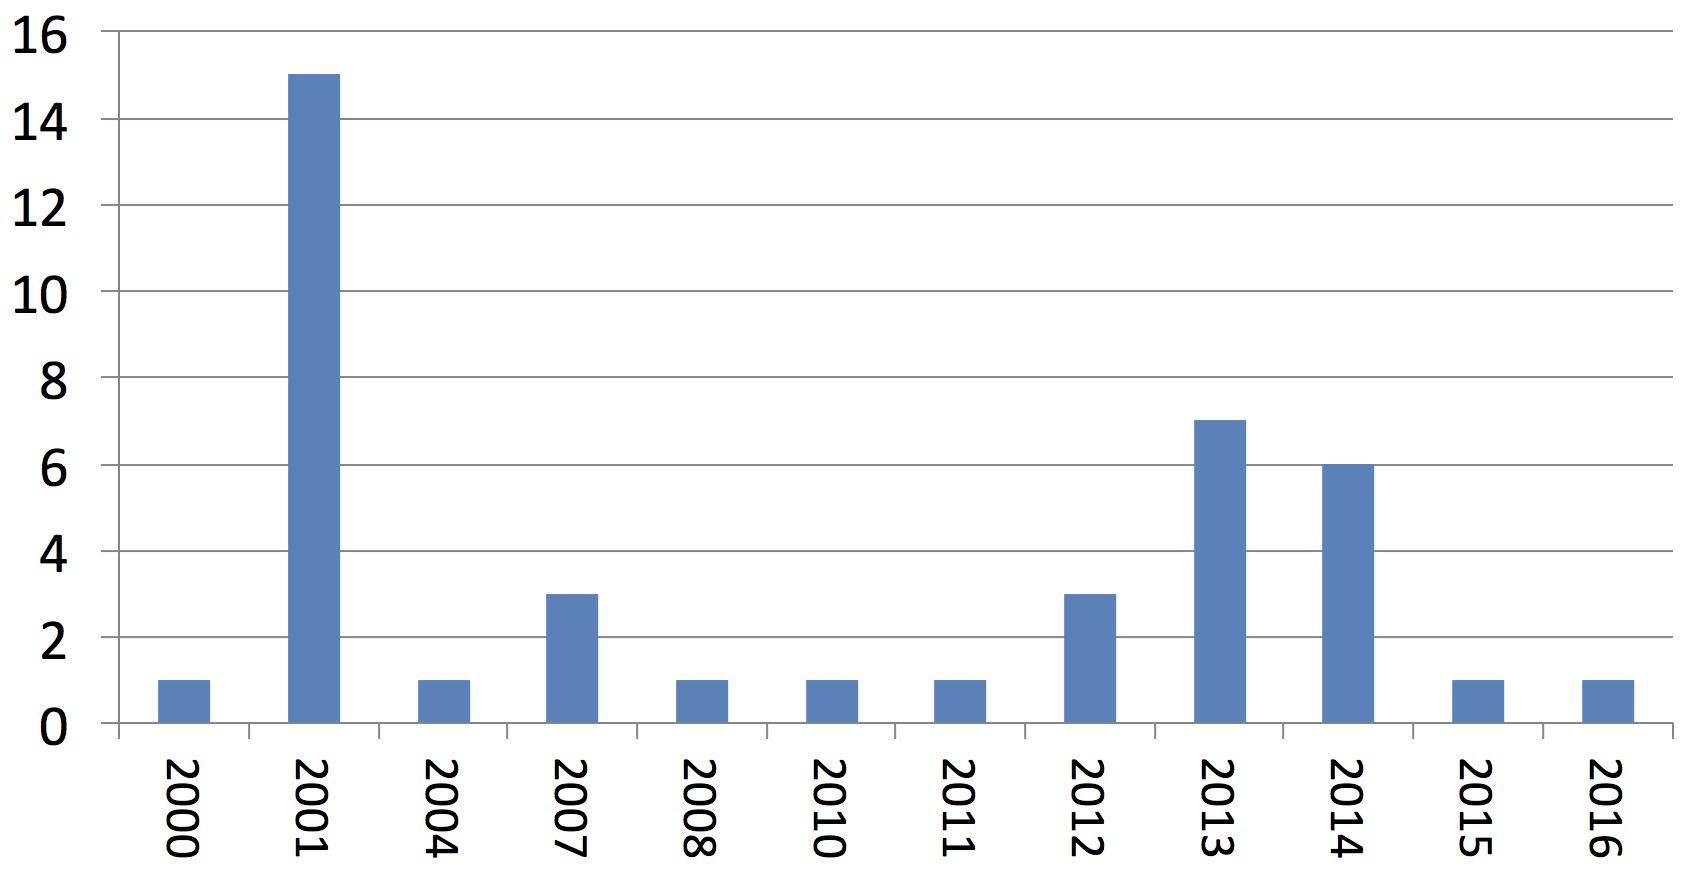 Nombre d'observations présentes dans la base de données SIRF (2000-2016)